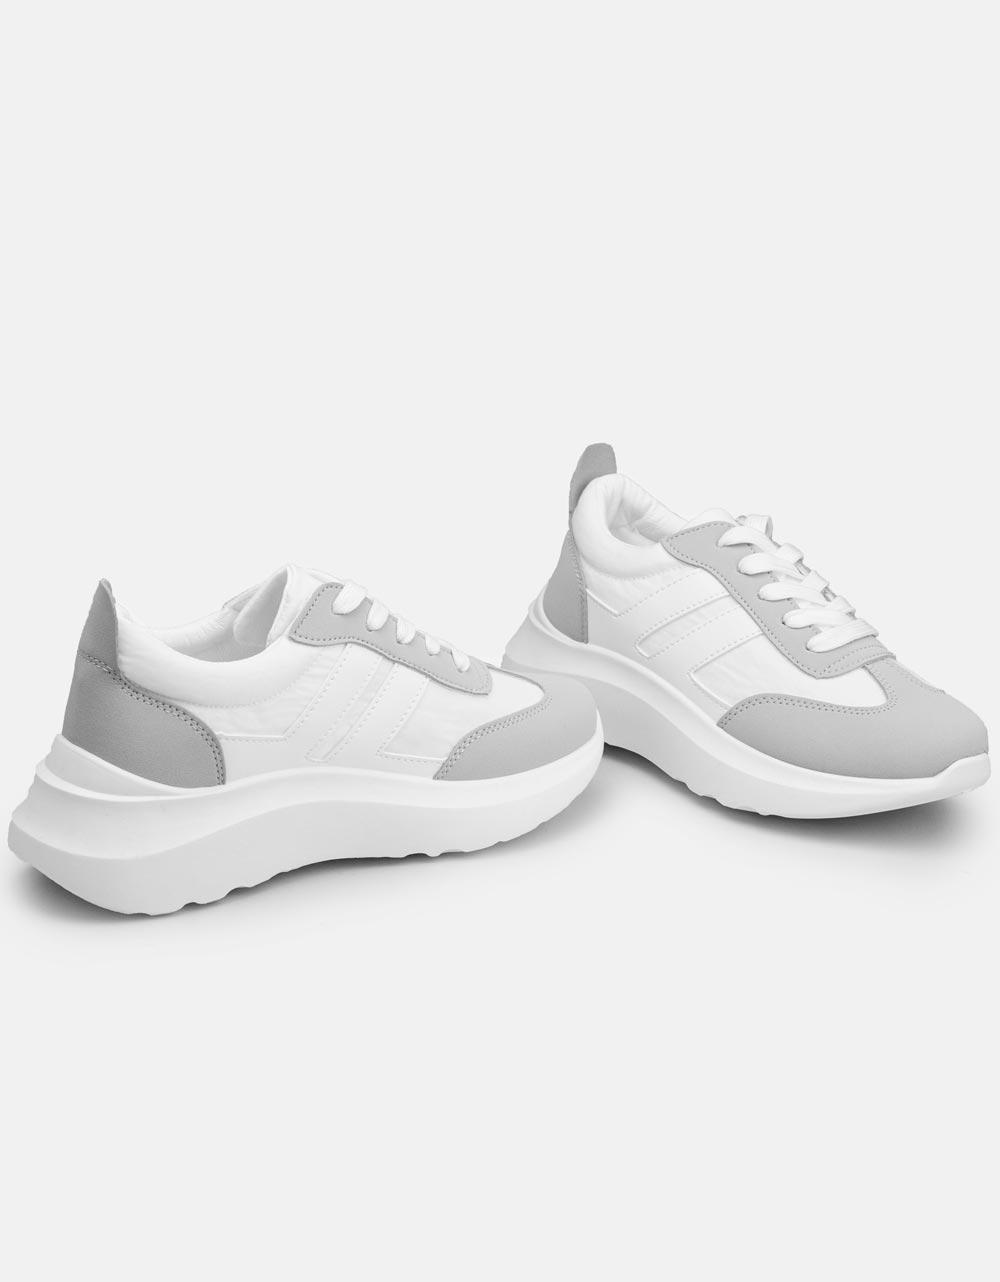 Εικόνα από Γυναικεία sneakers σε συνδυασμούς χρωμάτων Λευκό/Γκρι